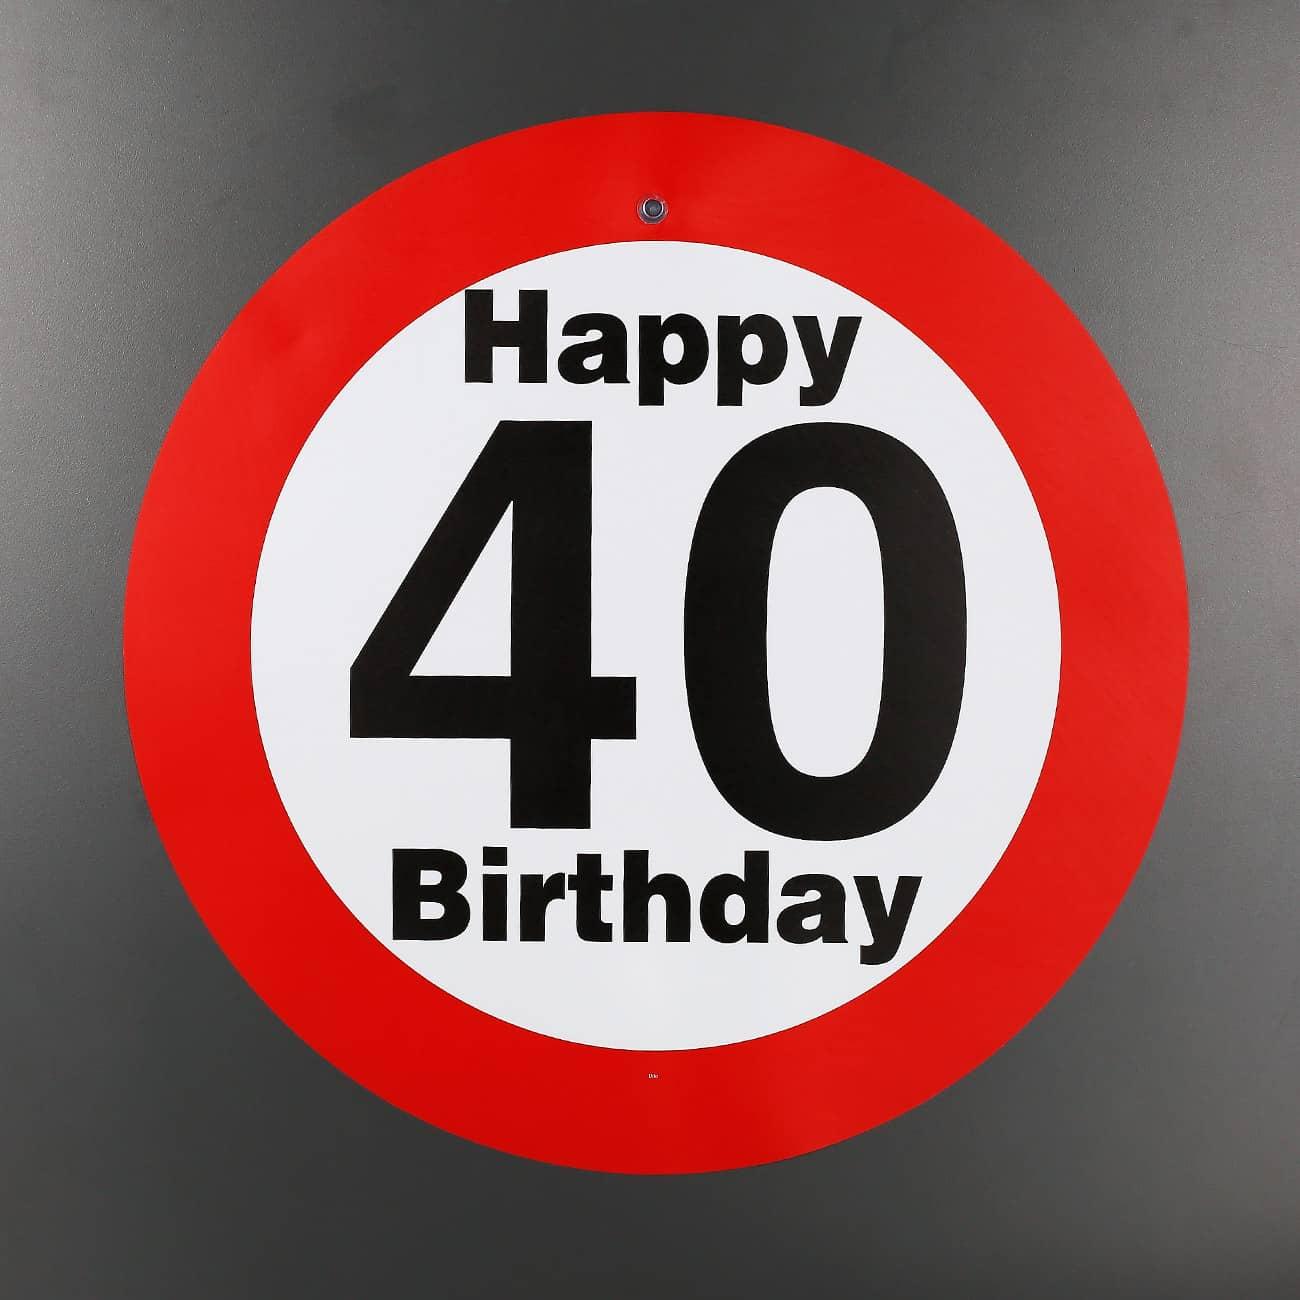 Zum 40. Geburtstag Wünsche